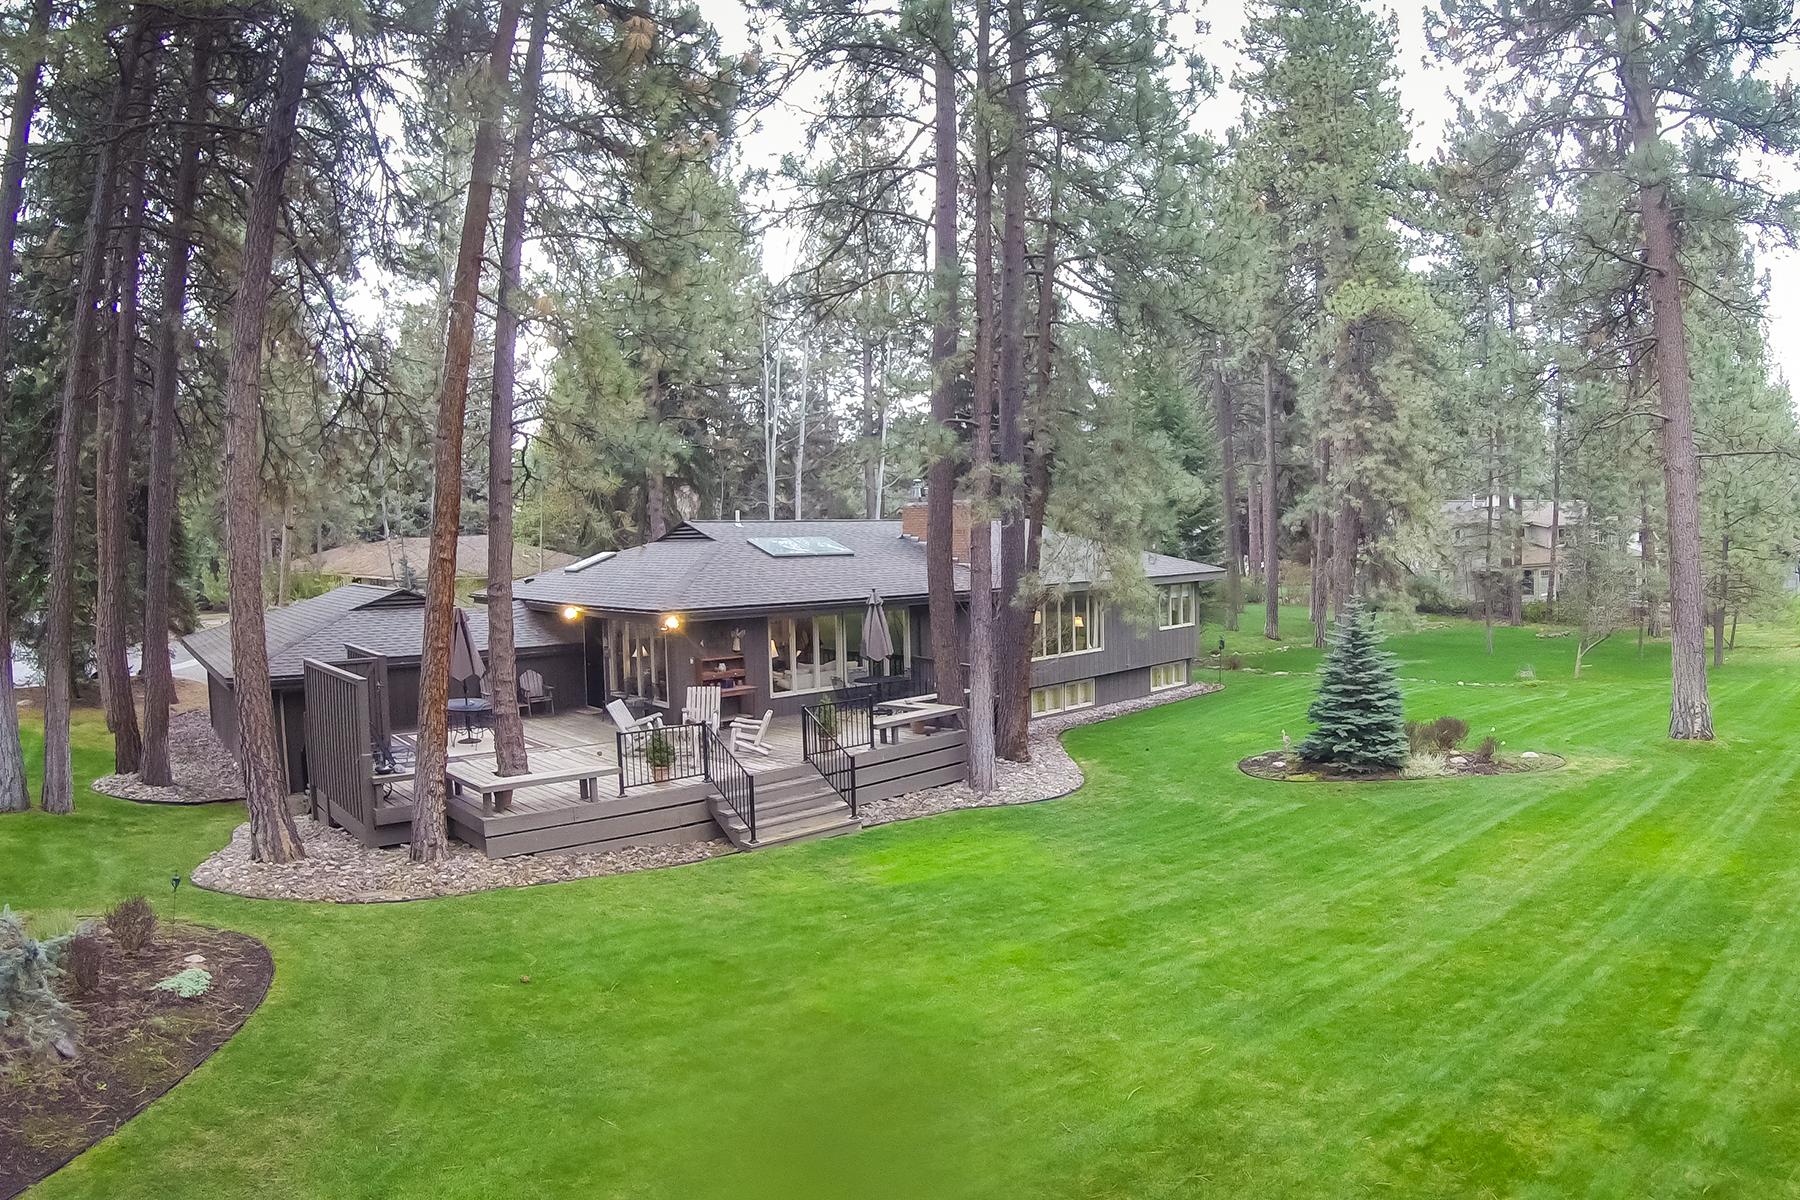 独户住宅 为 销售 在 903 Royal Pines Court 米苏拉, 蒙大拿州, 59802 美国